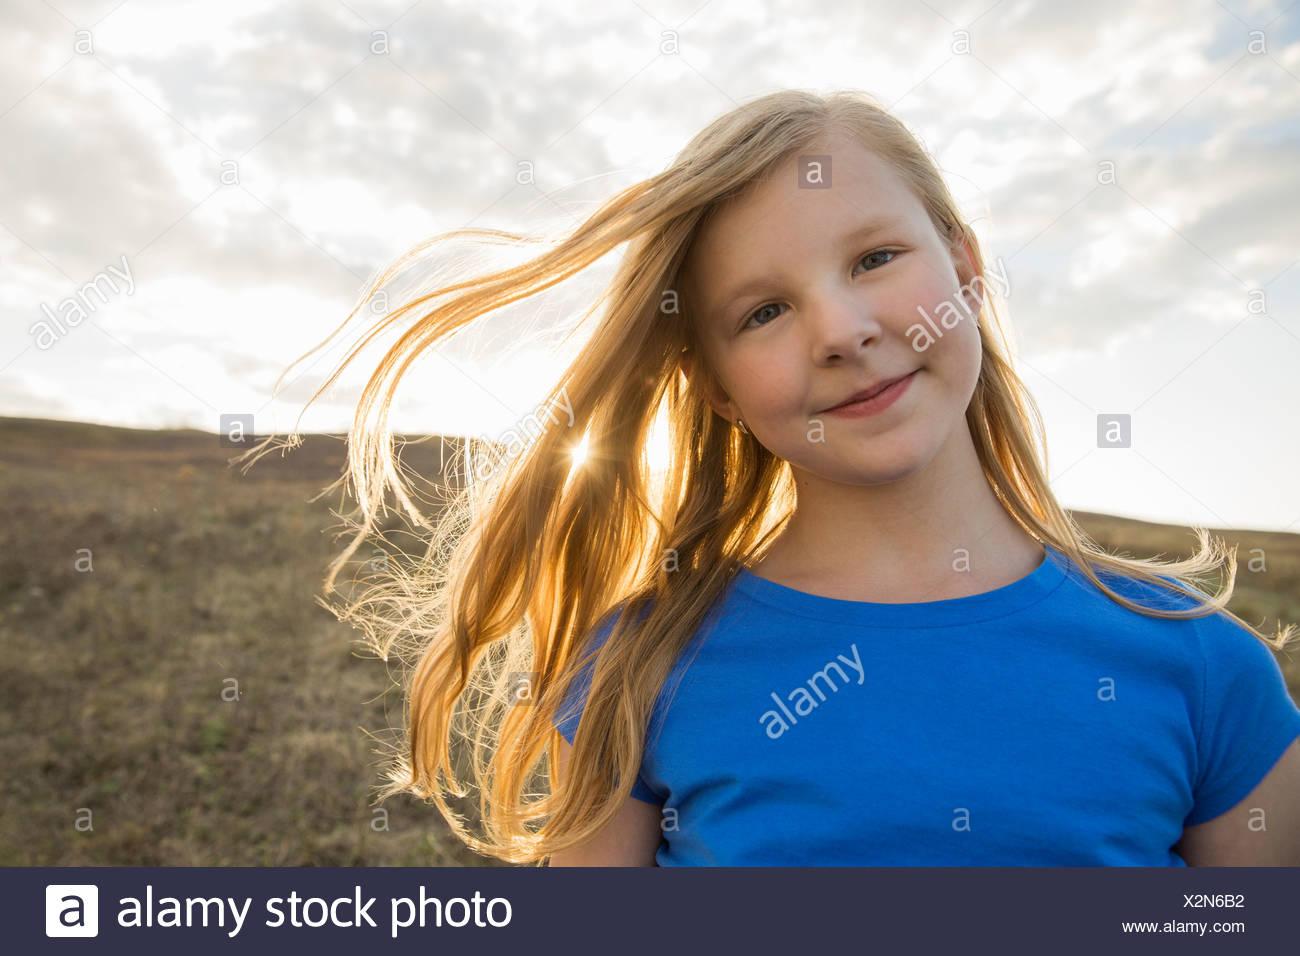 Portrait of schoolgirl looking at camera - Stock Image